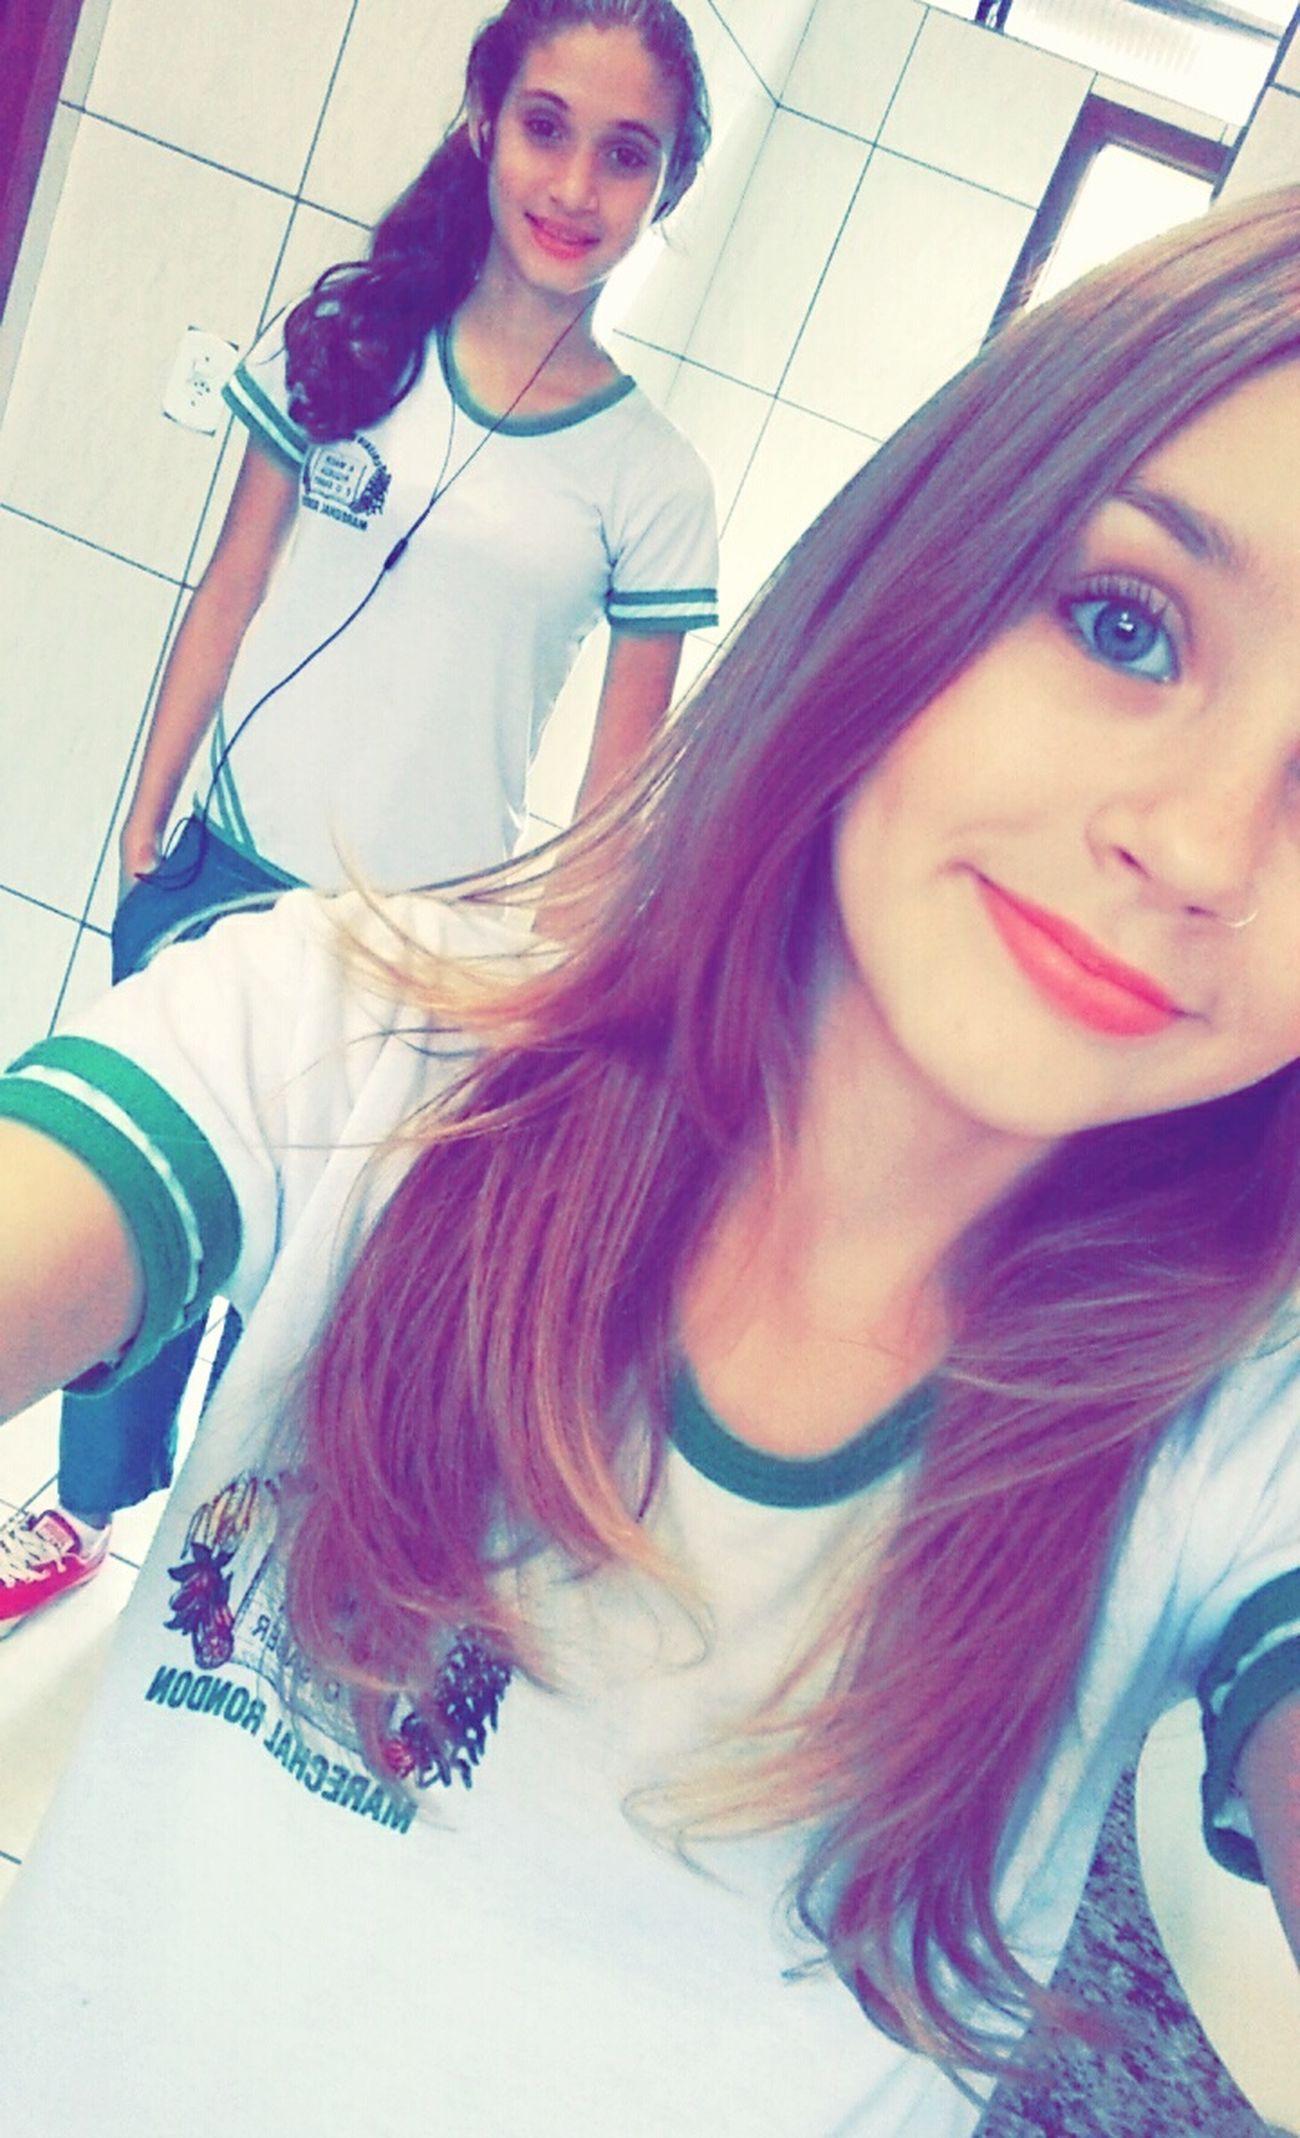 É que eu te amo e falo na sua cara, se tirar você de mim não sobra nada Teamoamiga😻 🎵😍💞